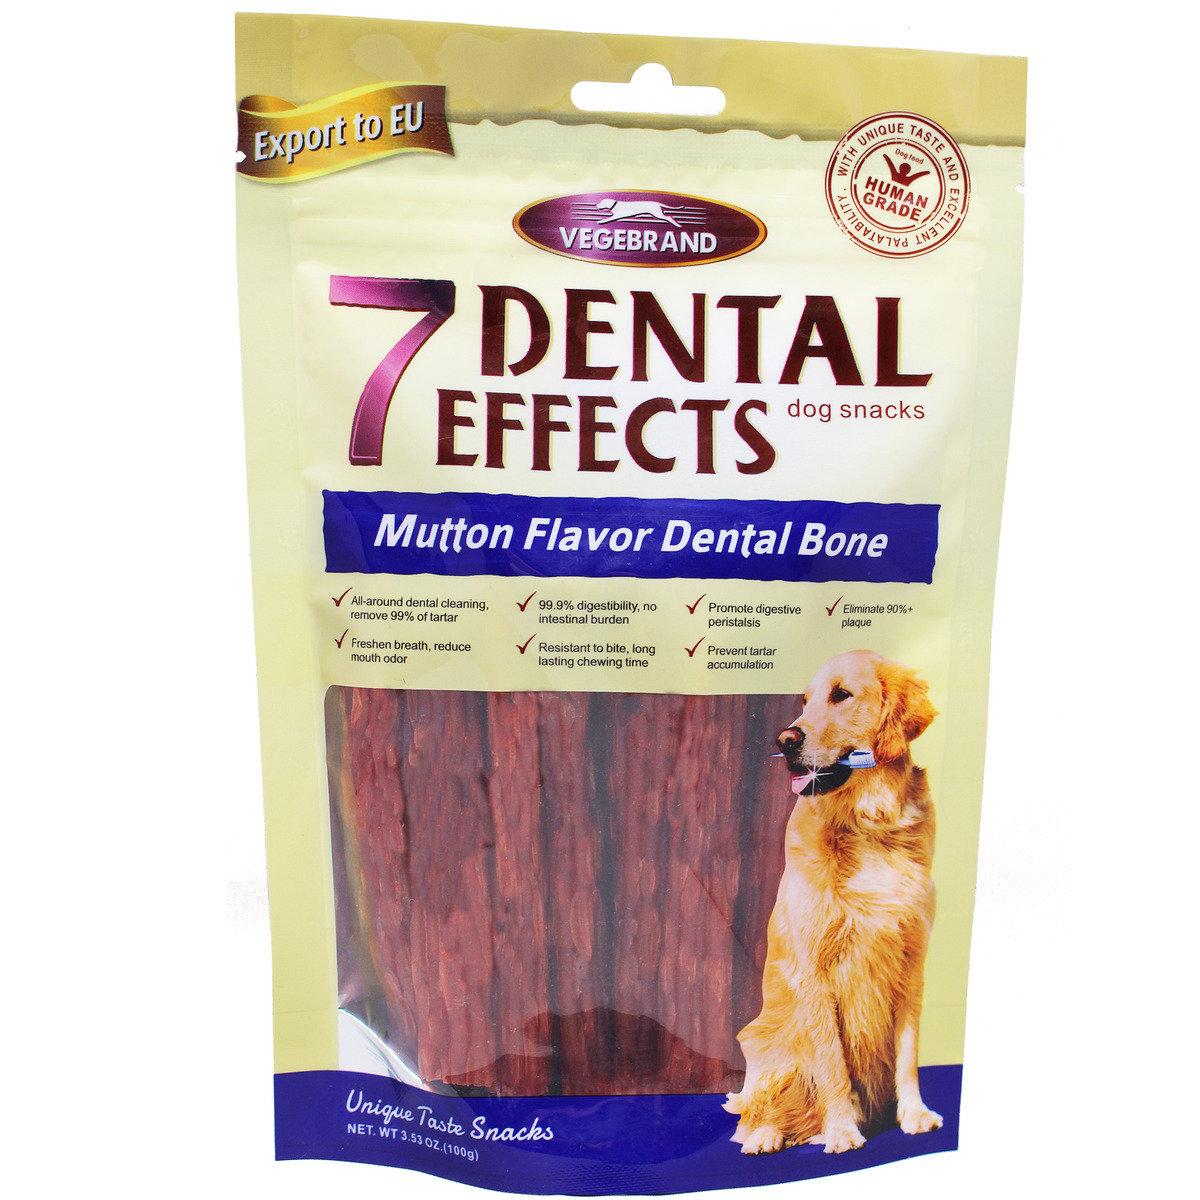 Snack Vegebrand 7 Dental Effects chăm sóc răng